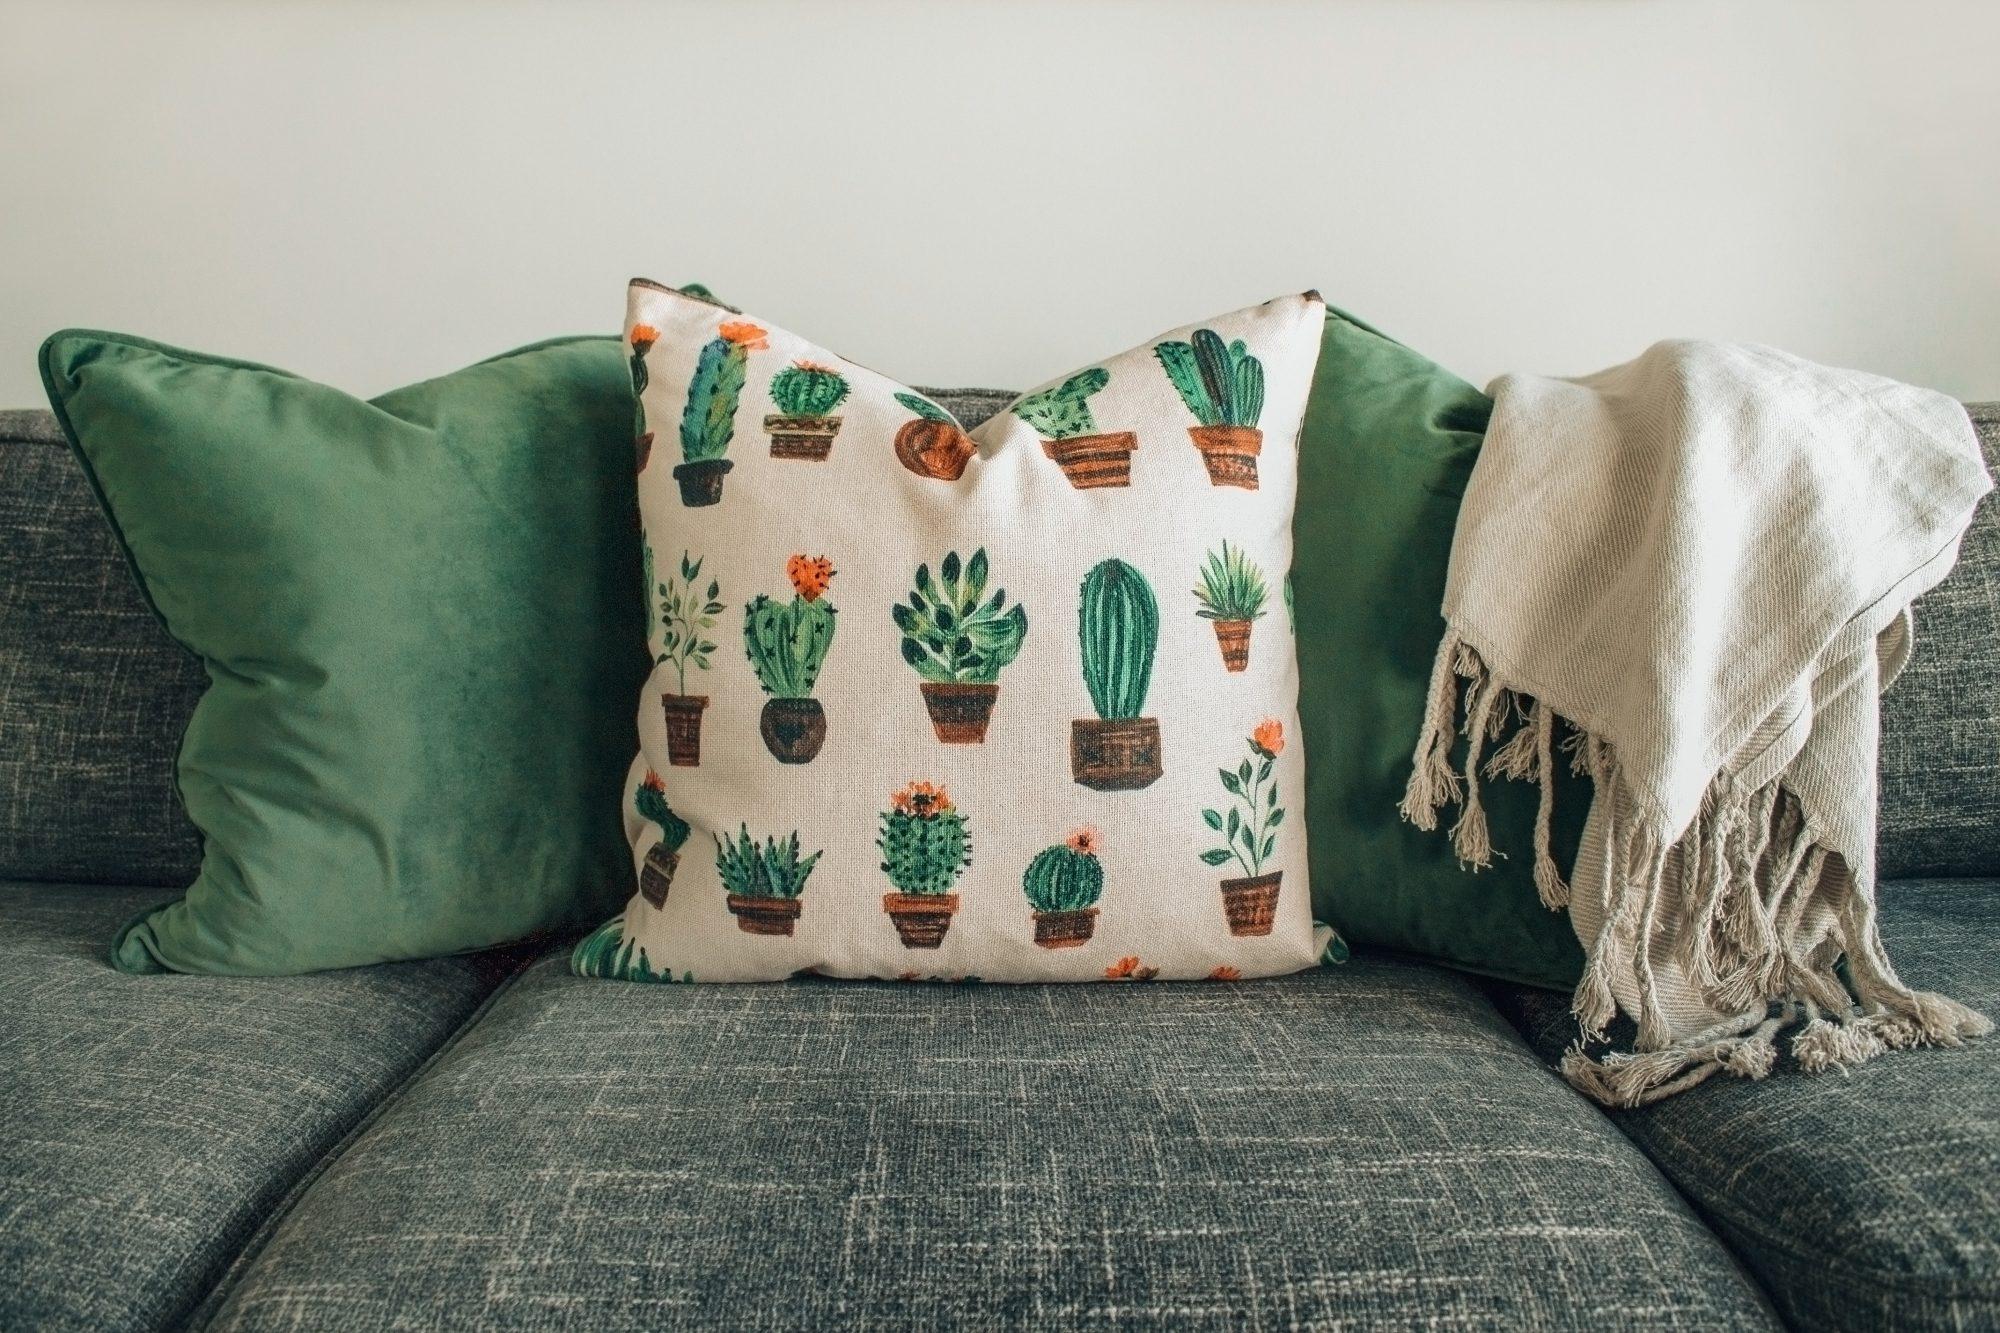 sofa z zielonymi dodatkami